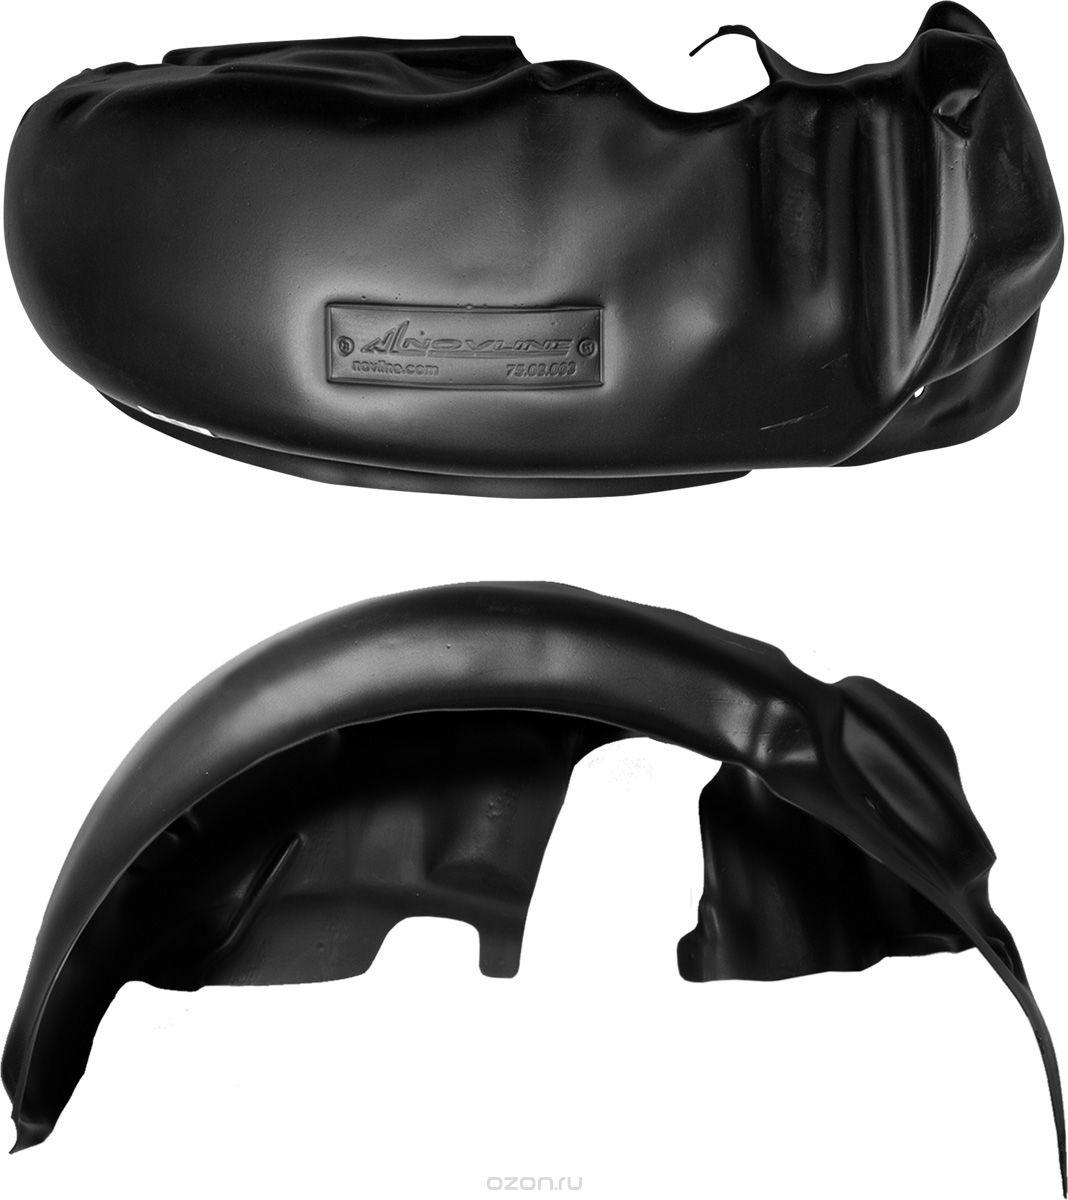 Подкрылок Novline-Autofamily, для Peugeot Boxer/Citroen Jumper, 2006->, с расширителями арок, задний левыйNLL.38.19.003Идеальная защита колесной ниши. Локеры разработаны с применением цифровых технологий, гарантируют максимальную повторяемость поверхности арки. Изделия устанавливаются без нарушения лакокрасочного покрытия автомобиля, каждый подкрылок комплектуется крепежом. Уважаемые клиенты, обращаем ваше внимание, что фотографии на подкрылки универсальные и не отражают реальную форму изделия. При этом само изделие идет точно под размер указанного автомобиля.